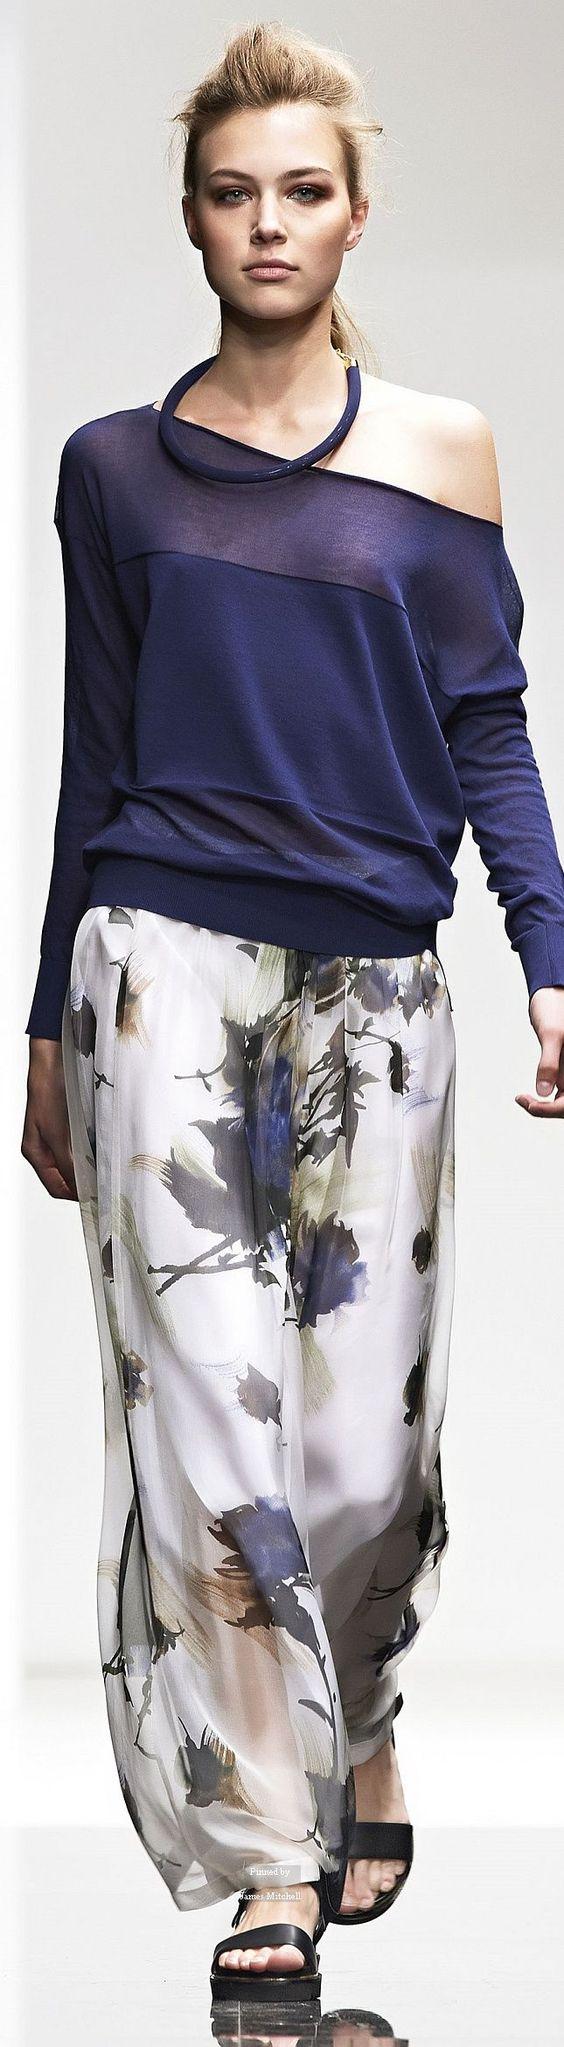 Восхитительно смотрятся широкие пижамные брюки с цветочным рисунком. Вообще одежда в пижамном стиле бывает однотонной или с яркими принтами: этническими, растительными или геометрическими.Found on pinterest.com: